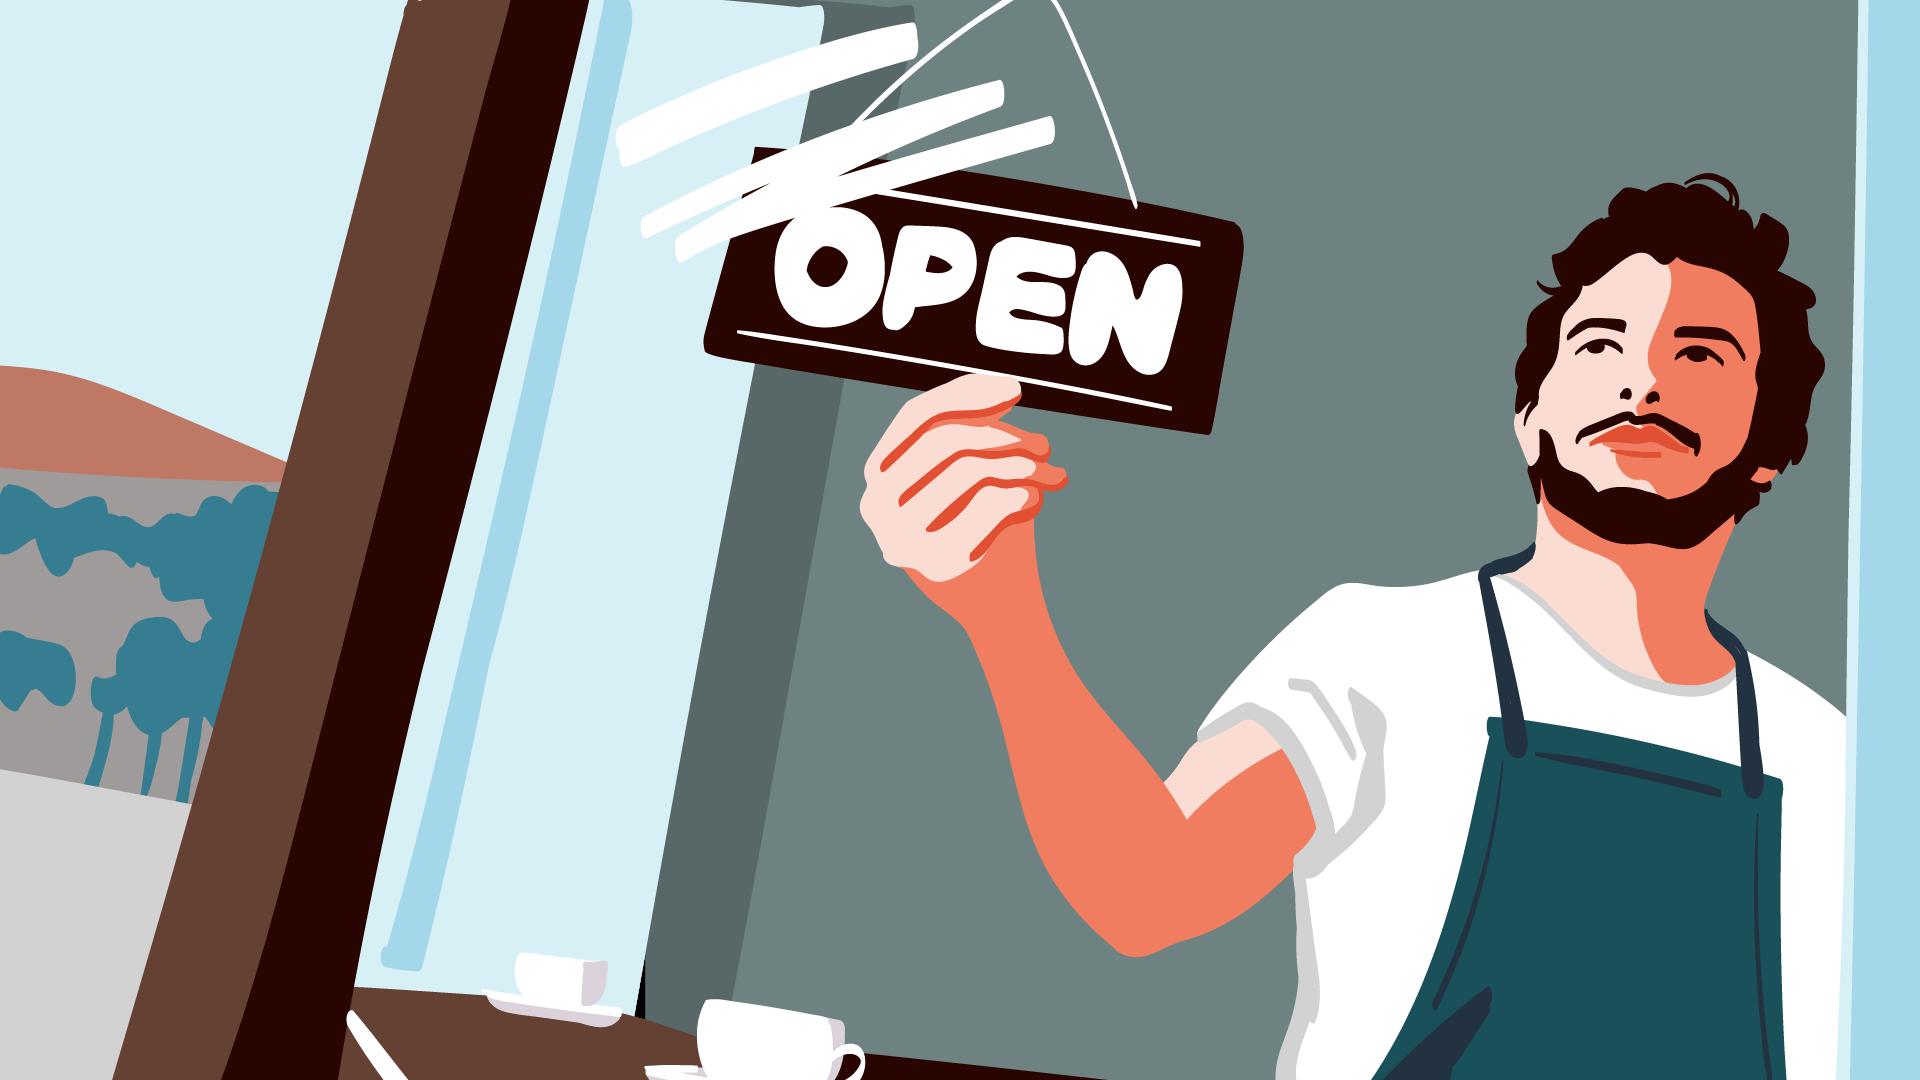 Händler eines Kleingewerbes an der Tür seines Ladenlokals.